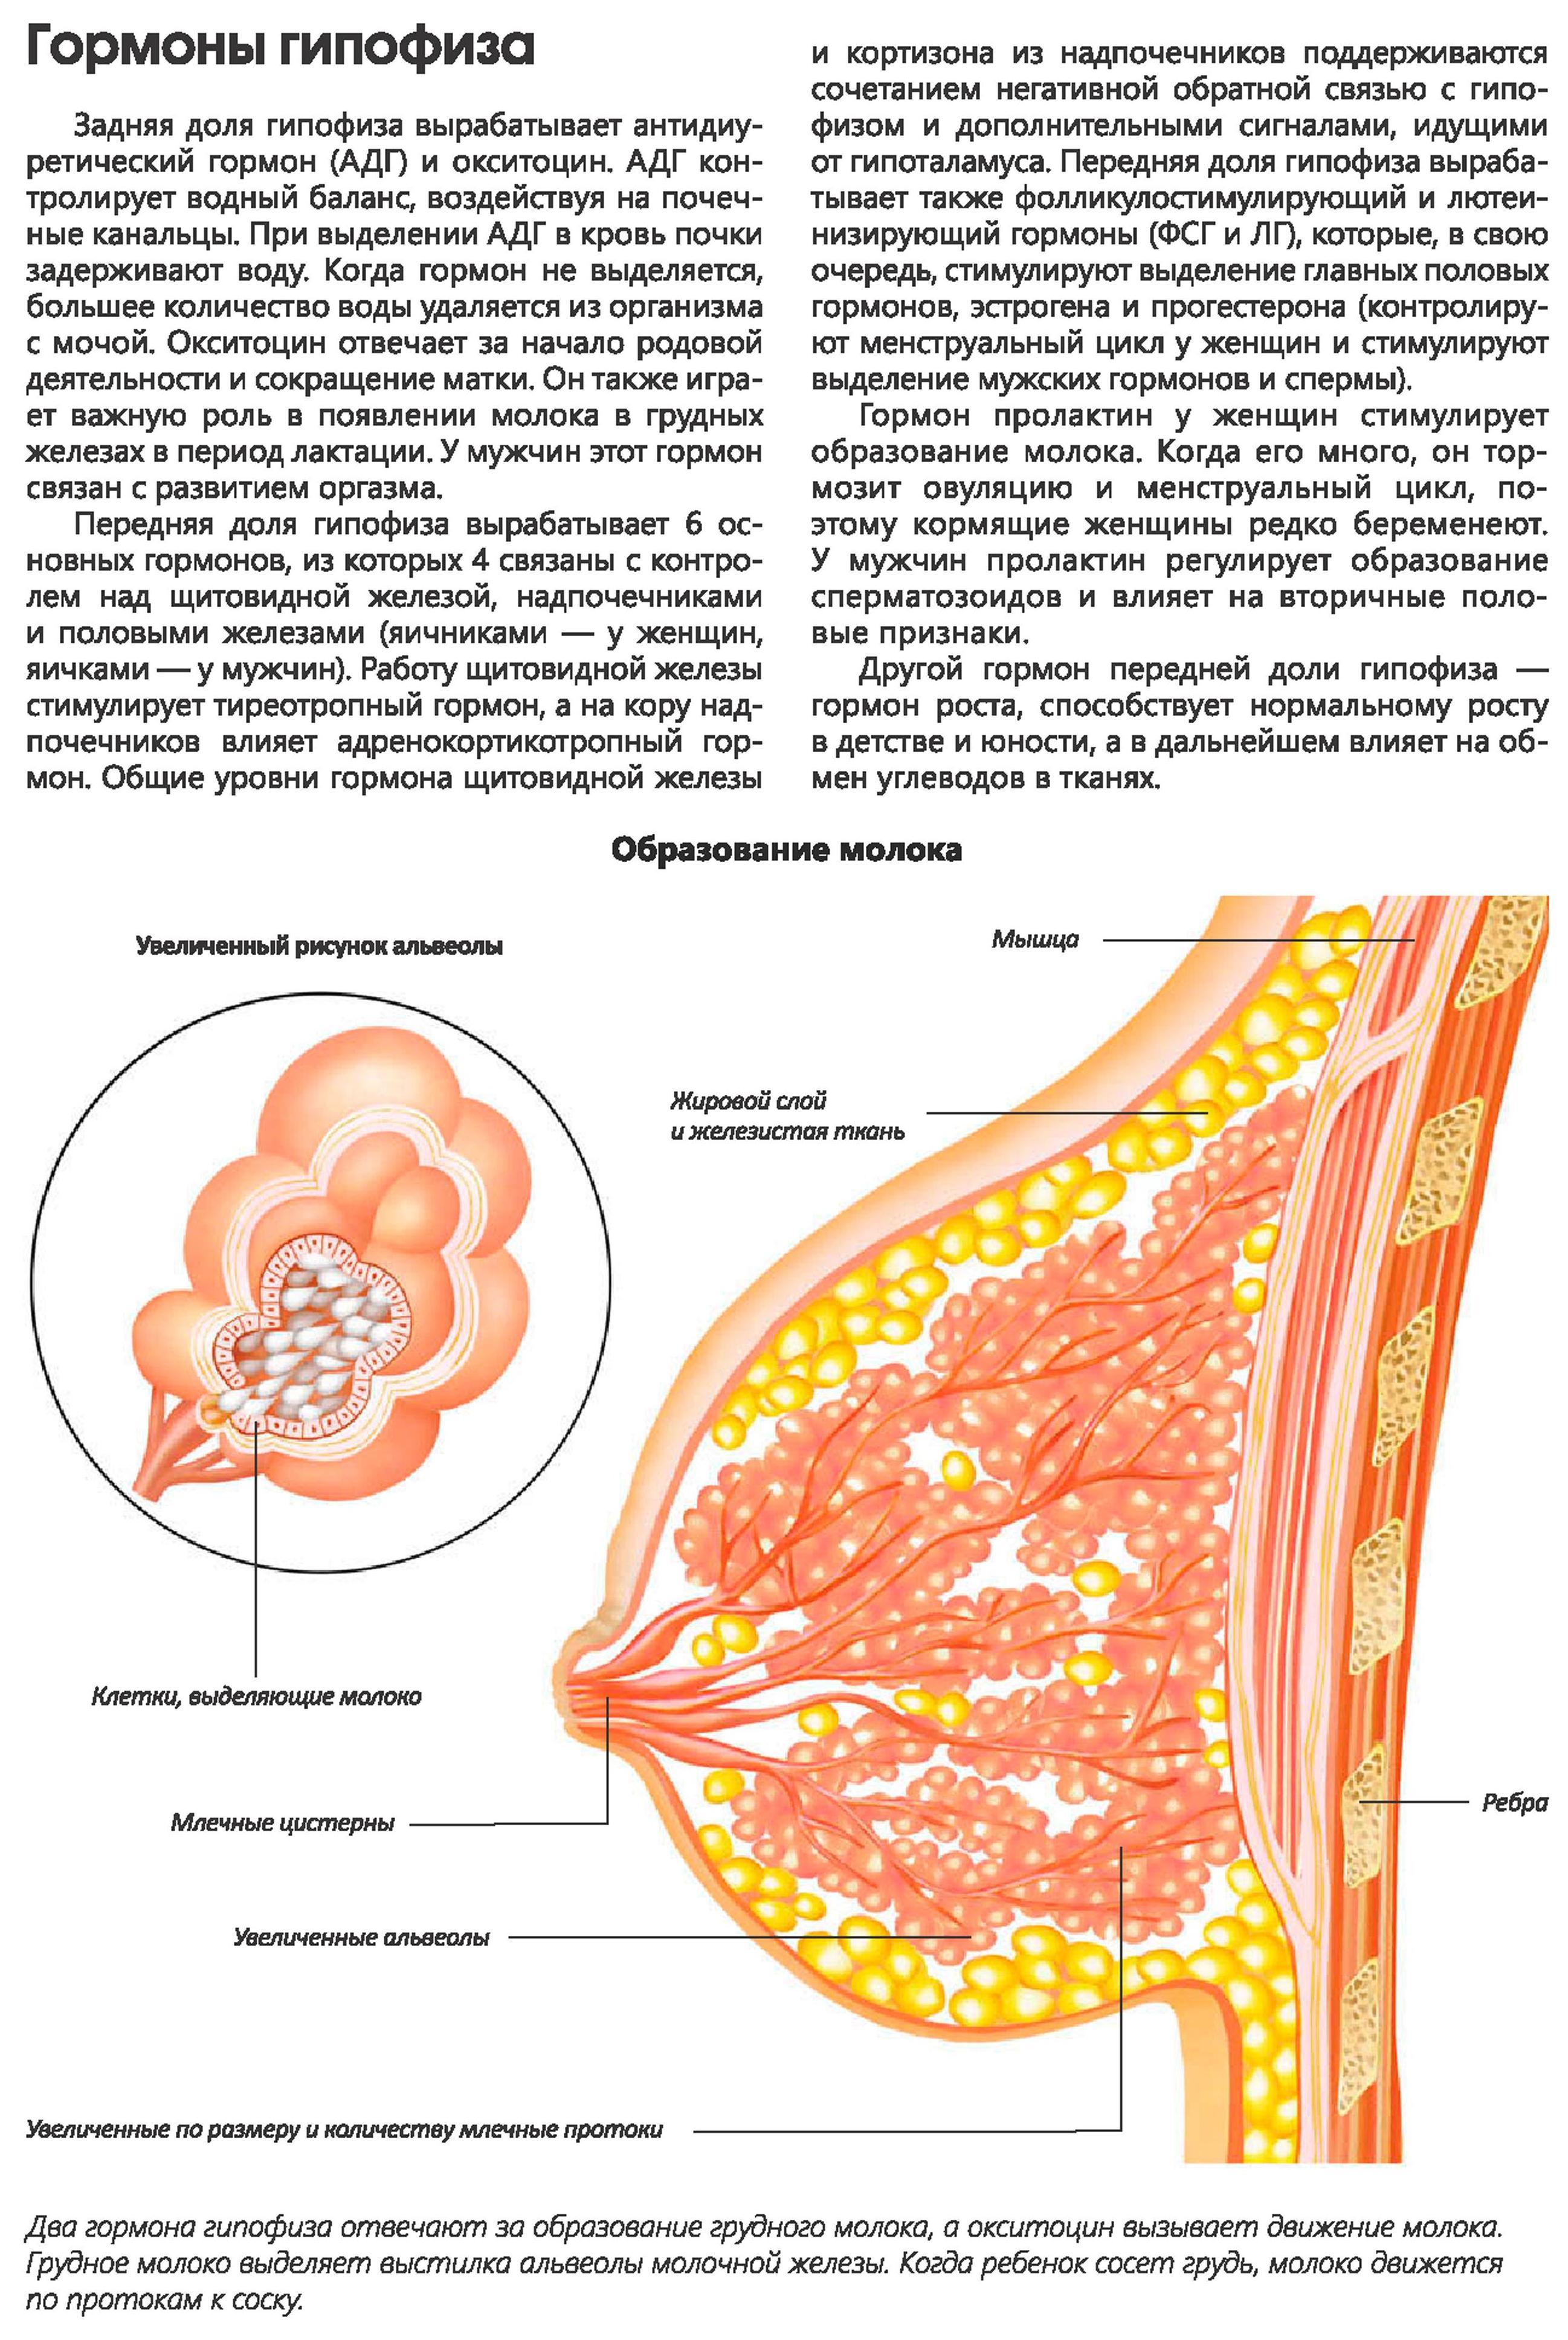 endokrinnoy-sistemi-spermatozoidi